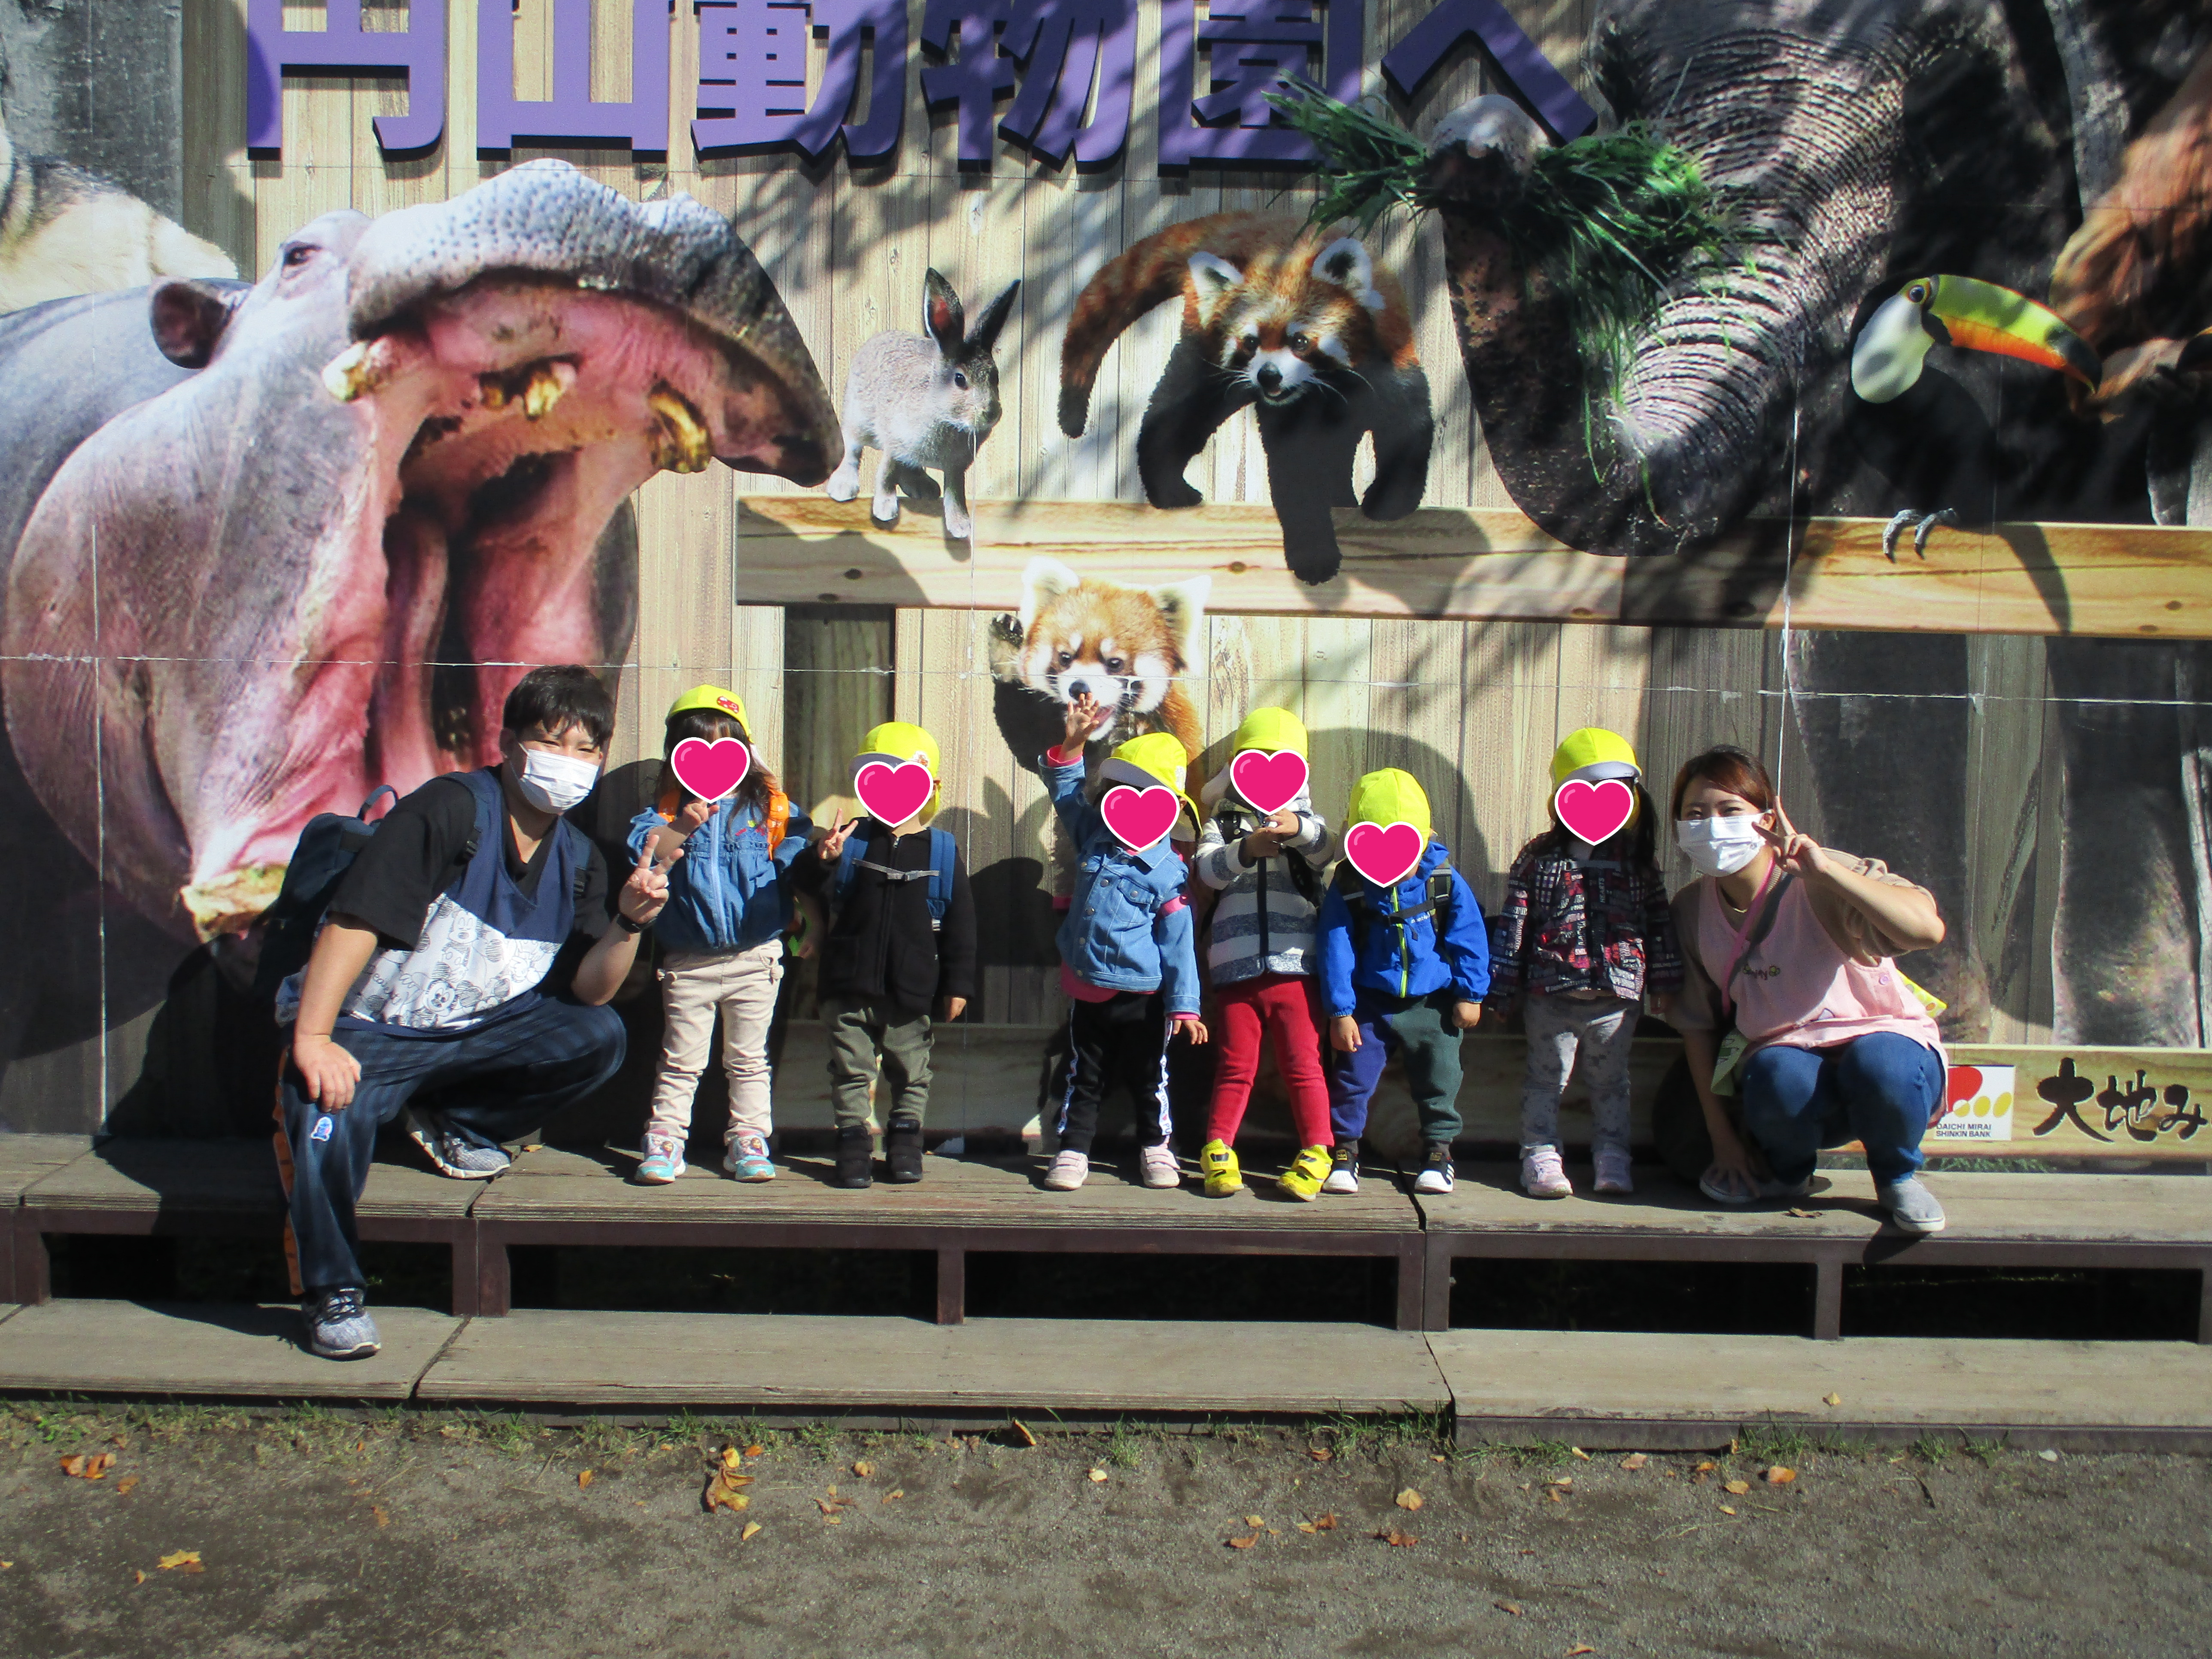 新川園 円山動物園に行ってきたよ🐵